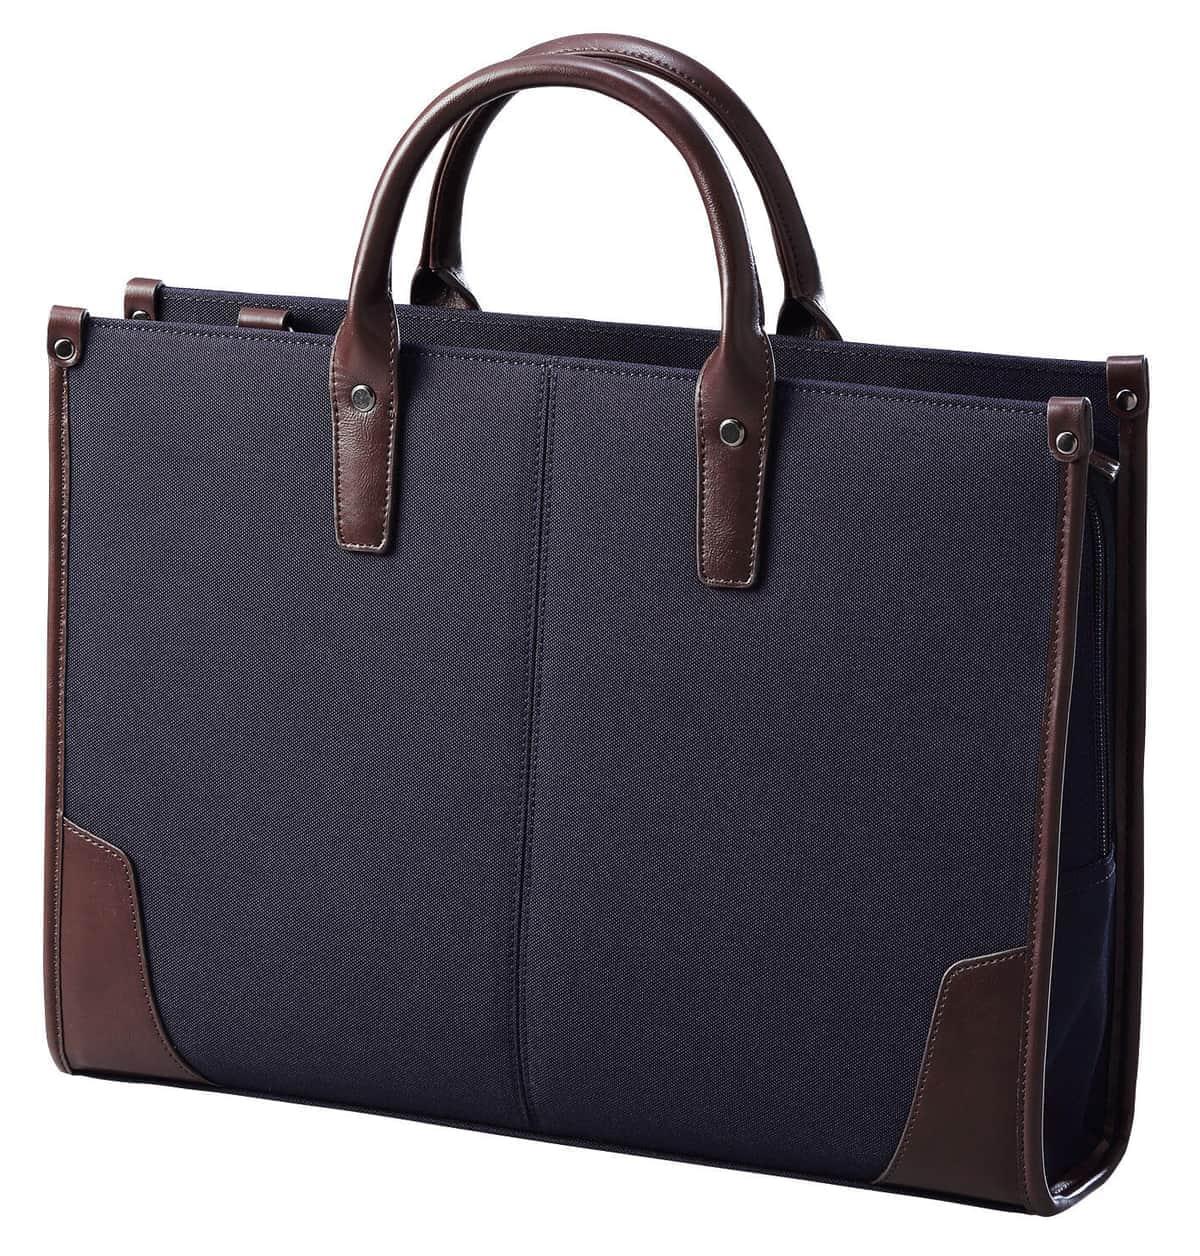 ショルダーベルトを使って肩にも掛けられる2WAY対応のビジネスバッグ